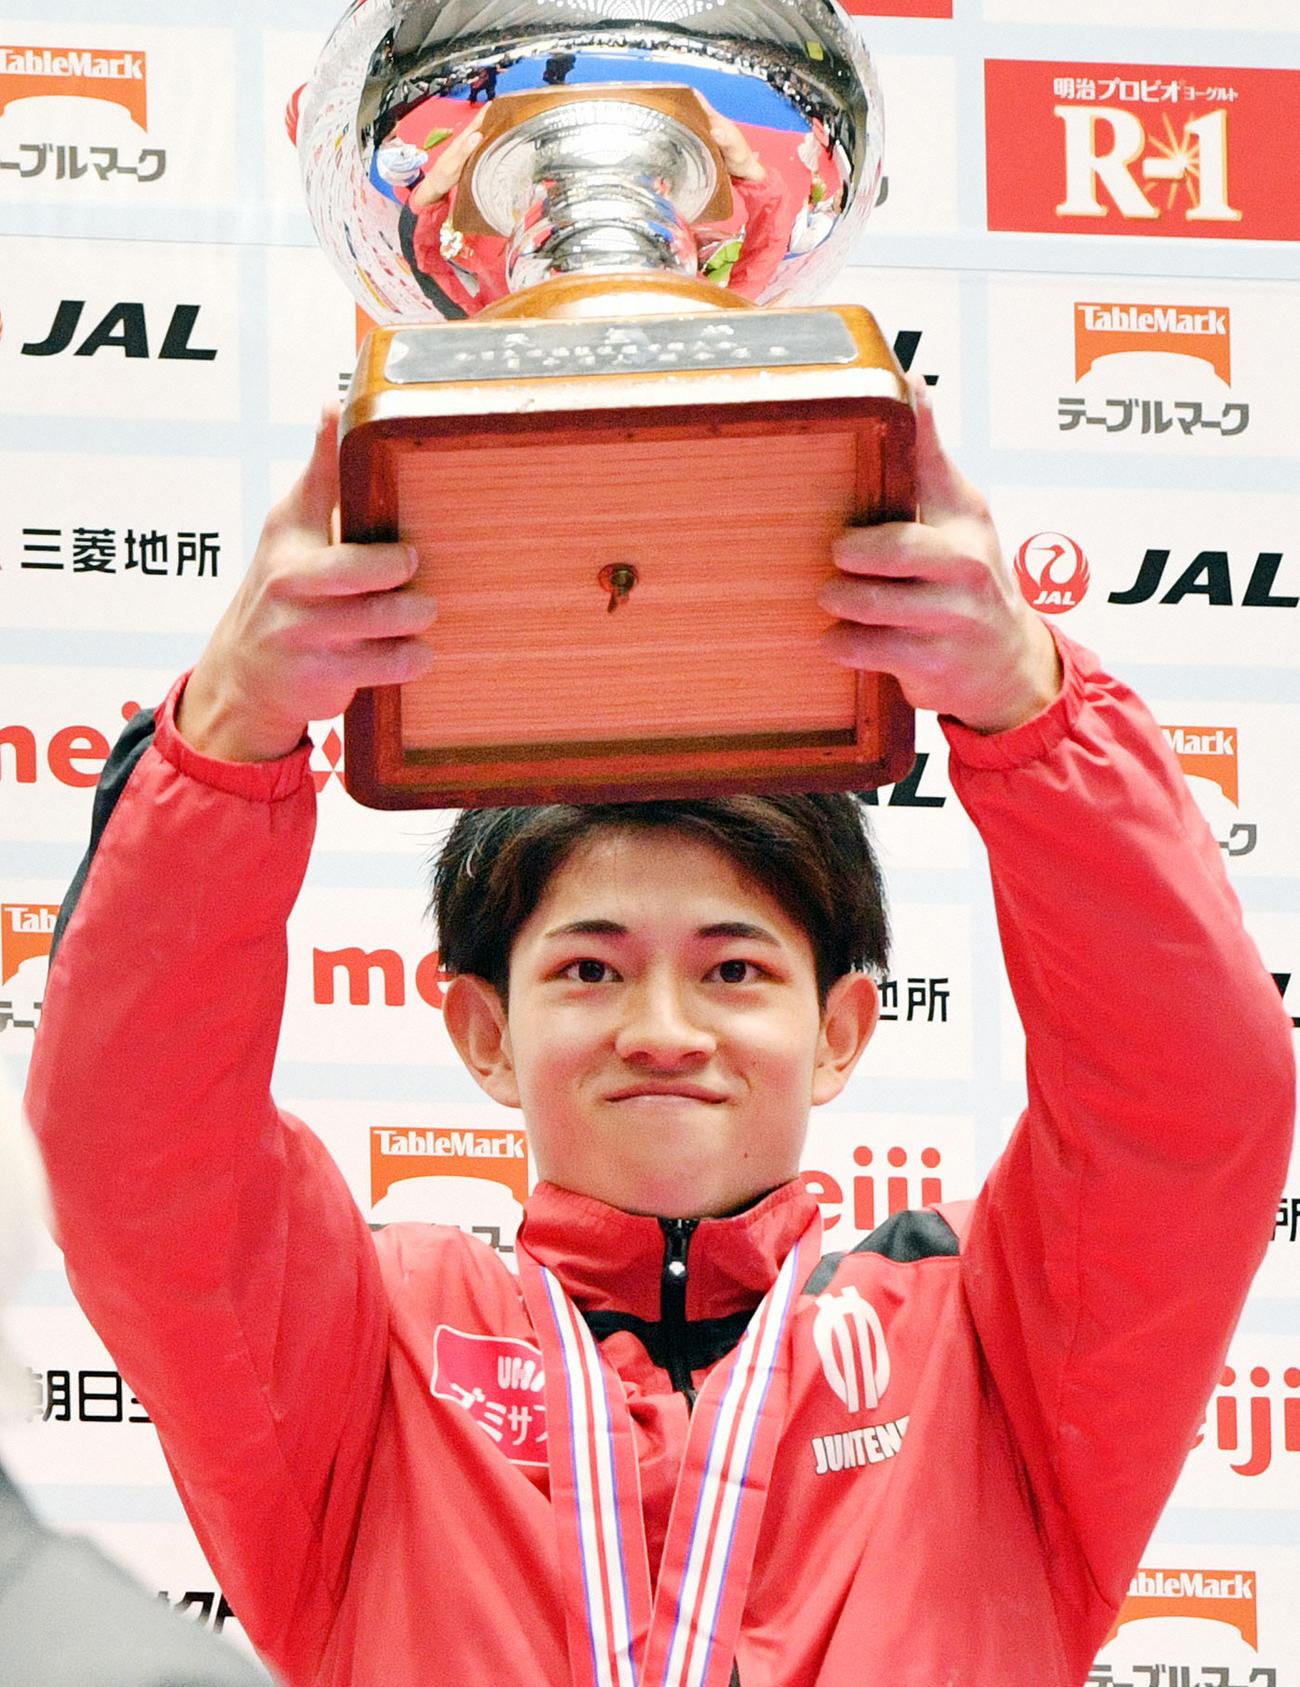 昨年の体操全日本選手権・男子個人総合で2連覇を達成した谷川翔(2019年4月28日撮影)